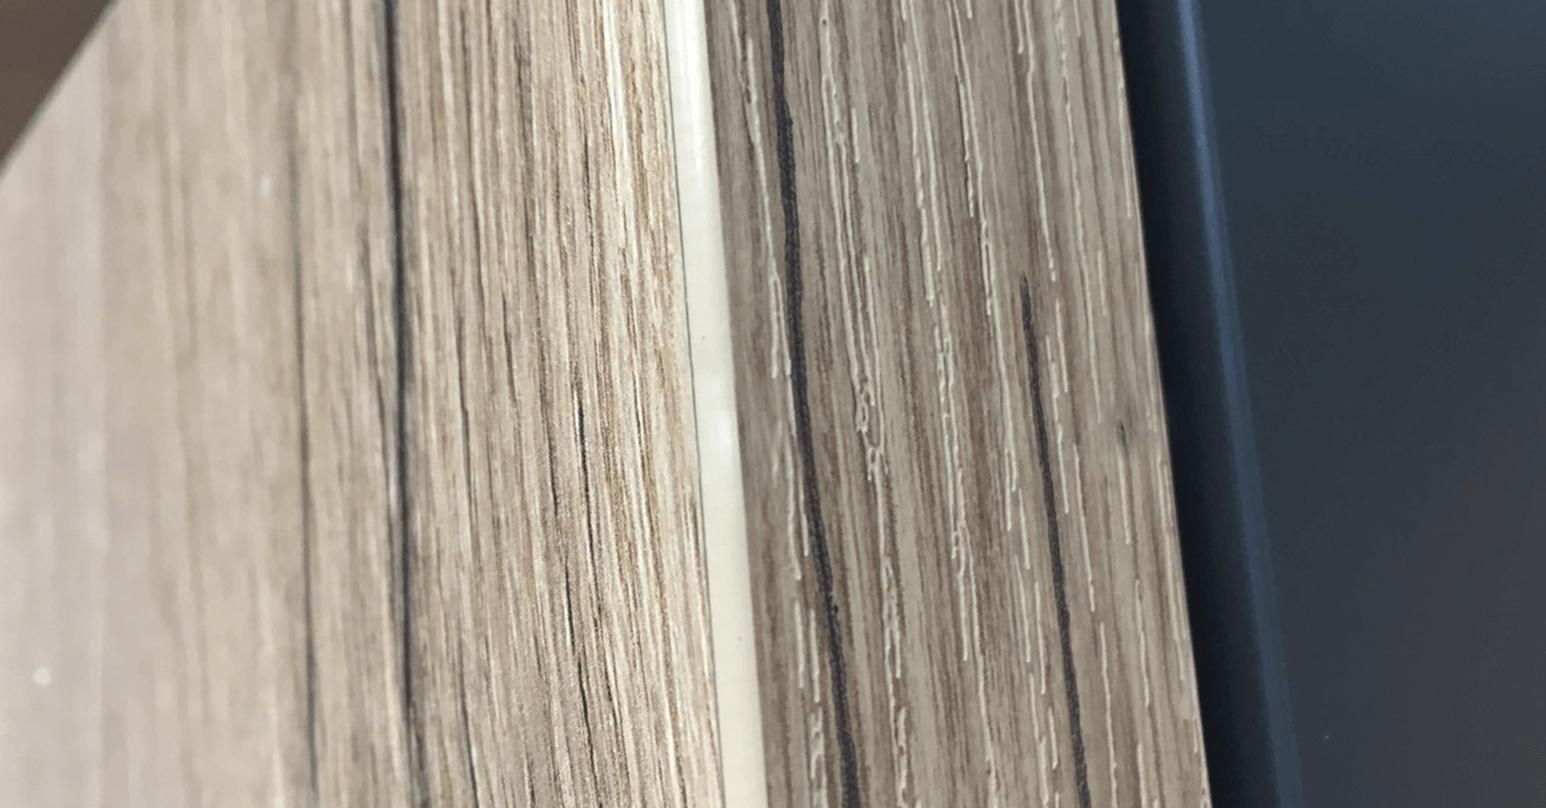 Laminate furniture - After repair